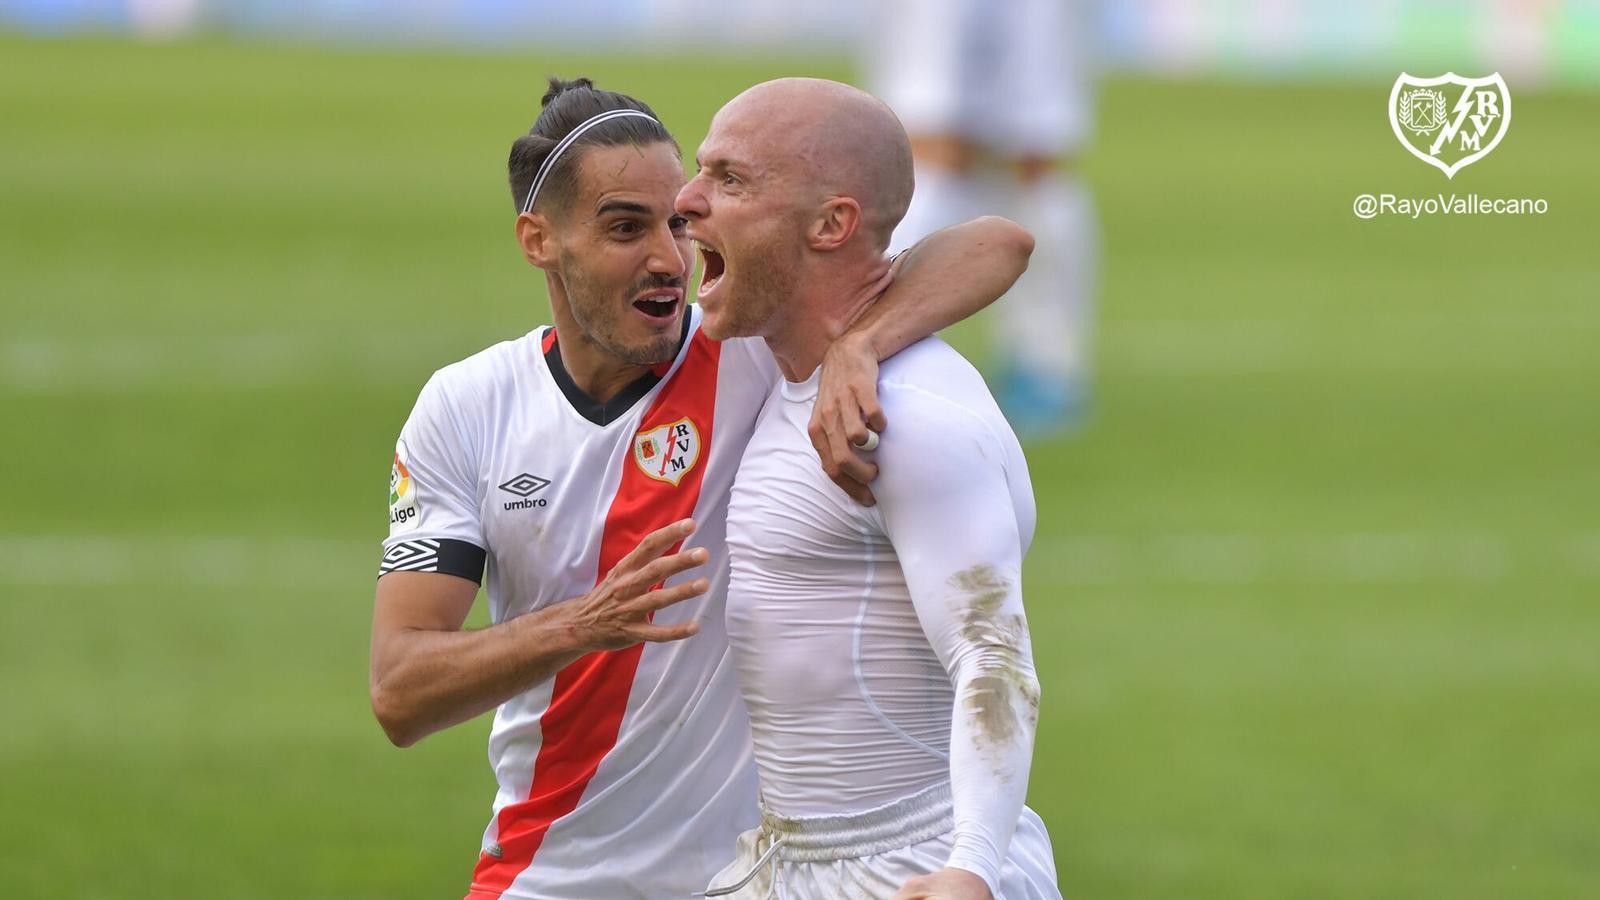 Isi s'ha convertit en el primer jugador en marcar un gol a l'Espanyol aquest curs a Segona